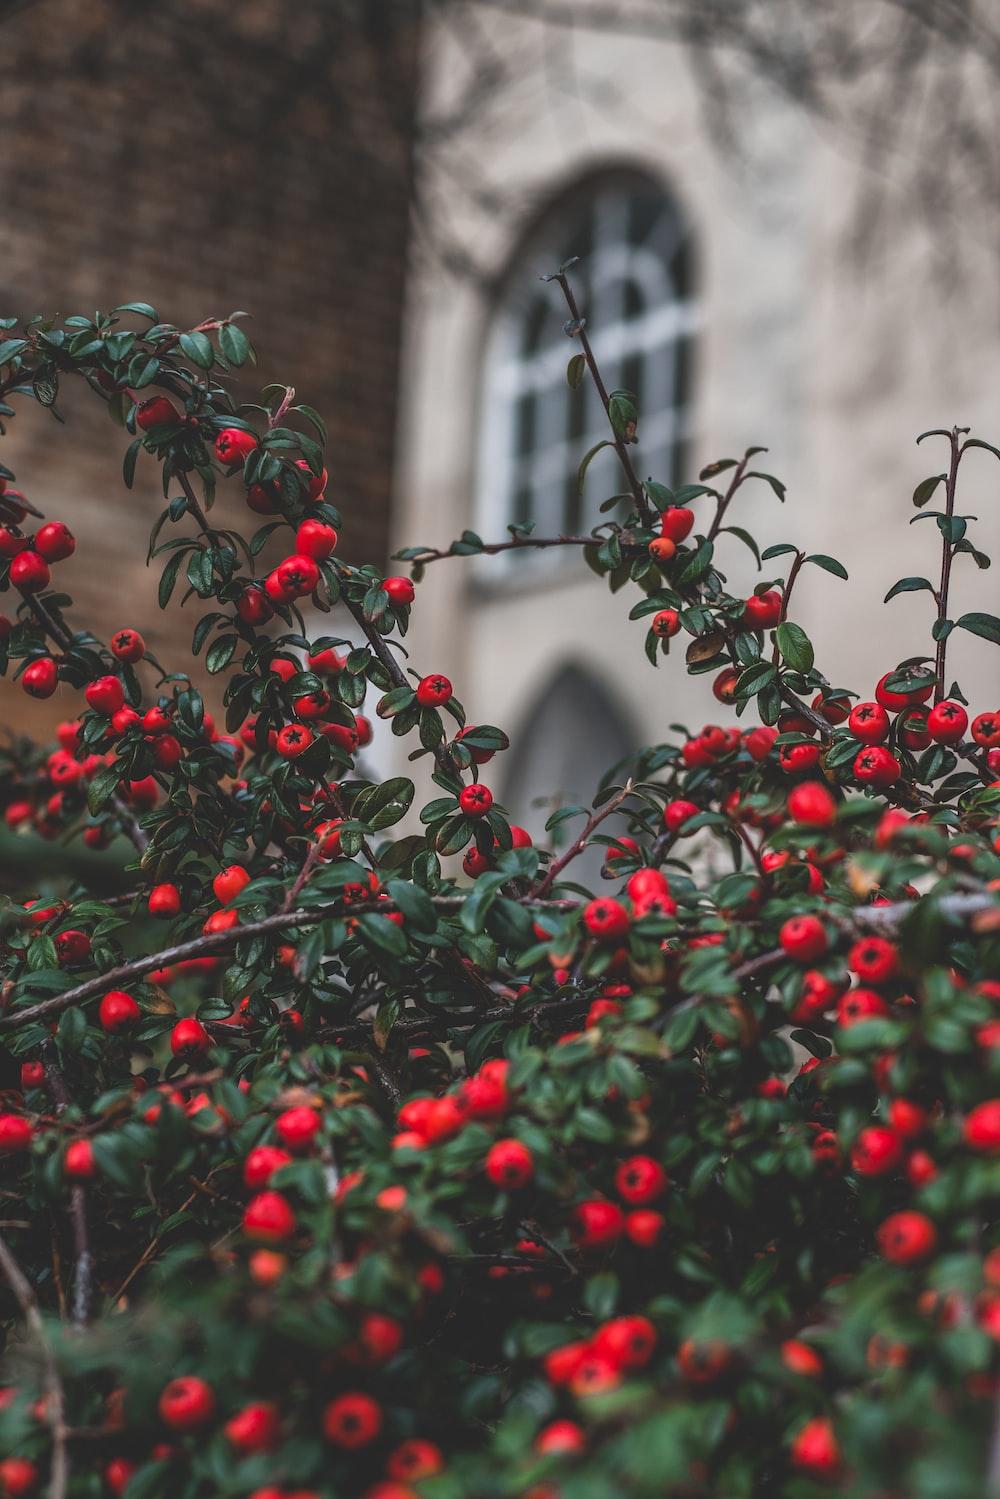 red fruit tilt shift photo